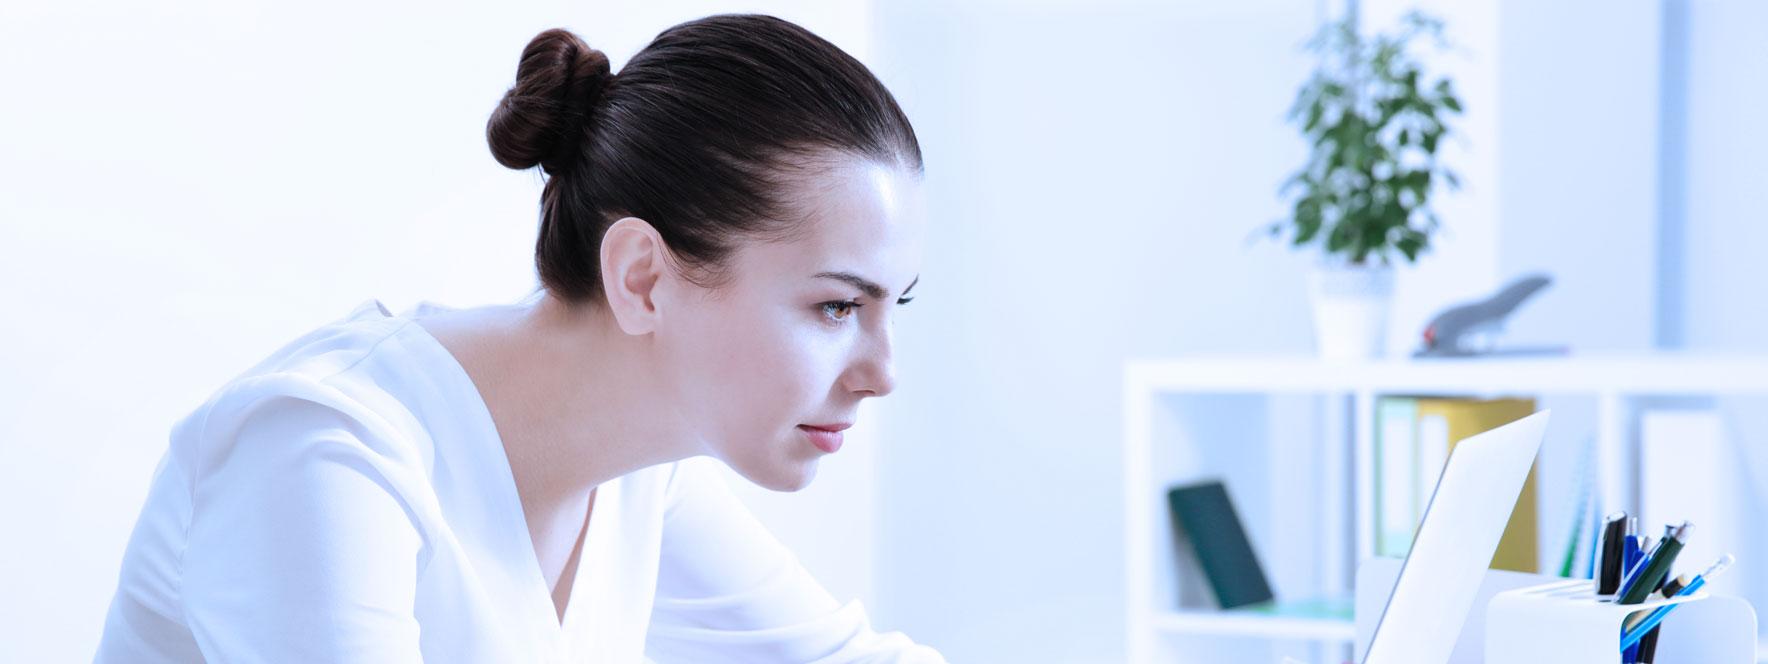 Donner de la tête contre la protraction cervicale - Blogue du Réseau